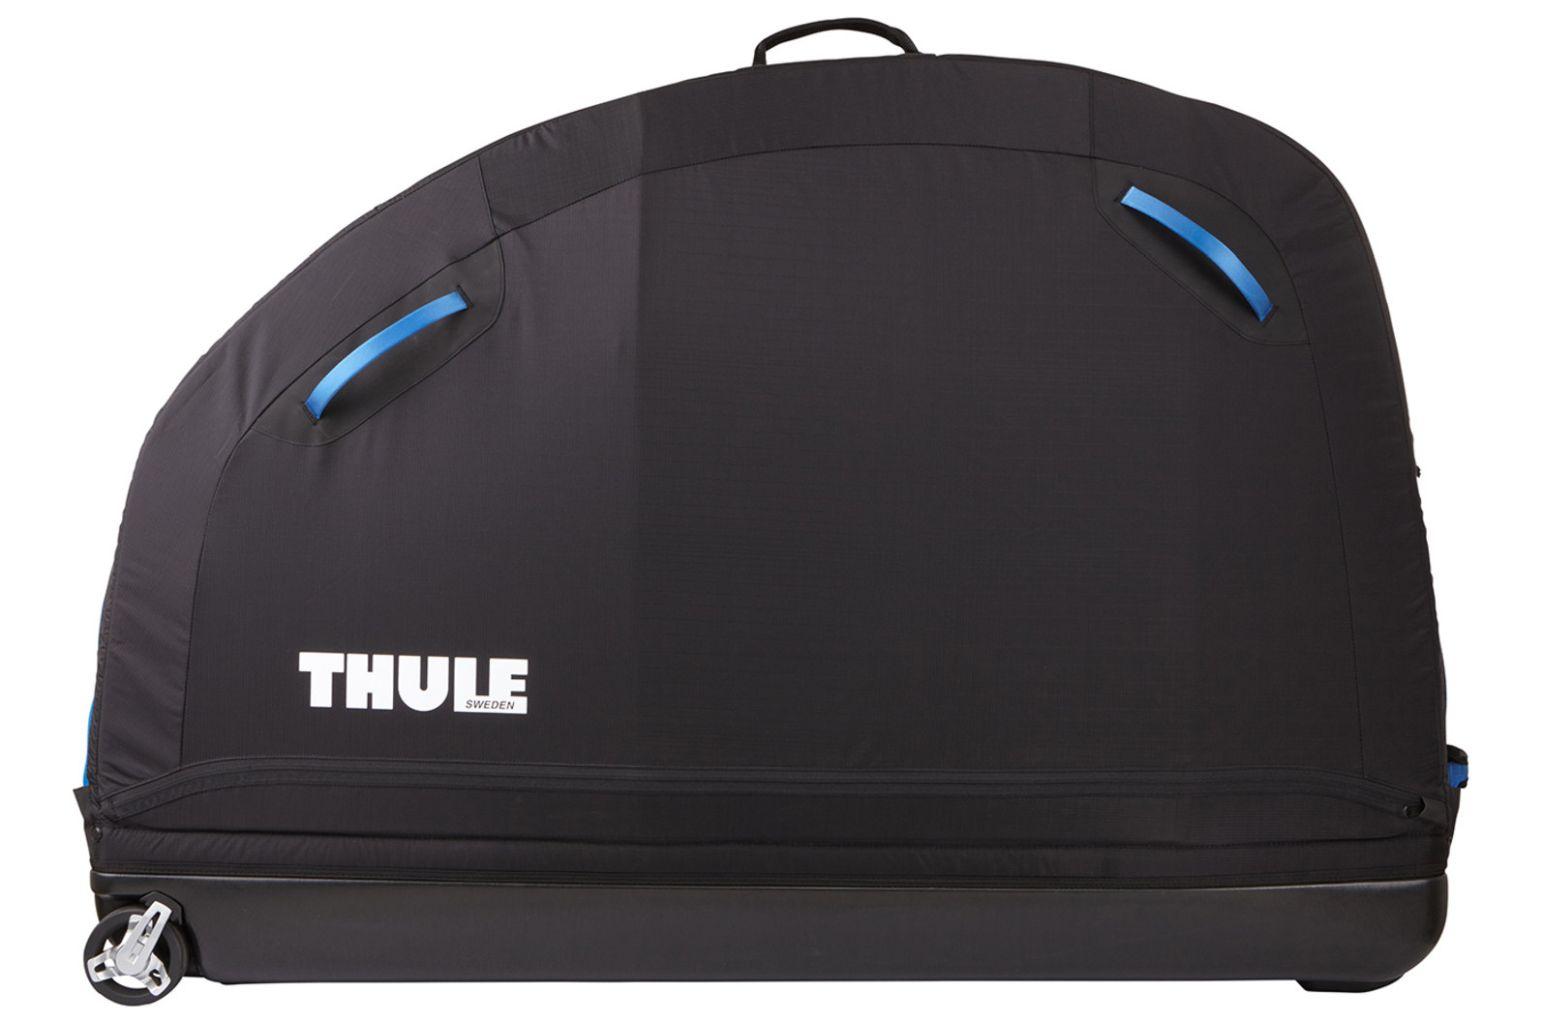 THULE RoundTrip Pro XT Black/Cobalt-30